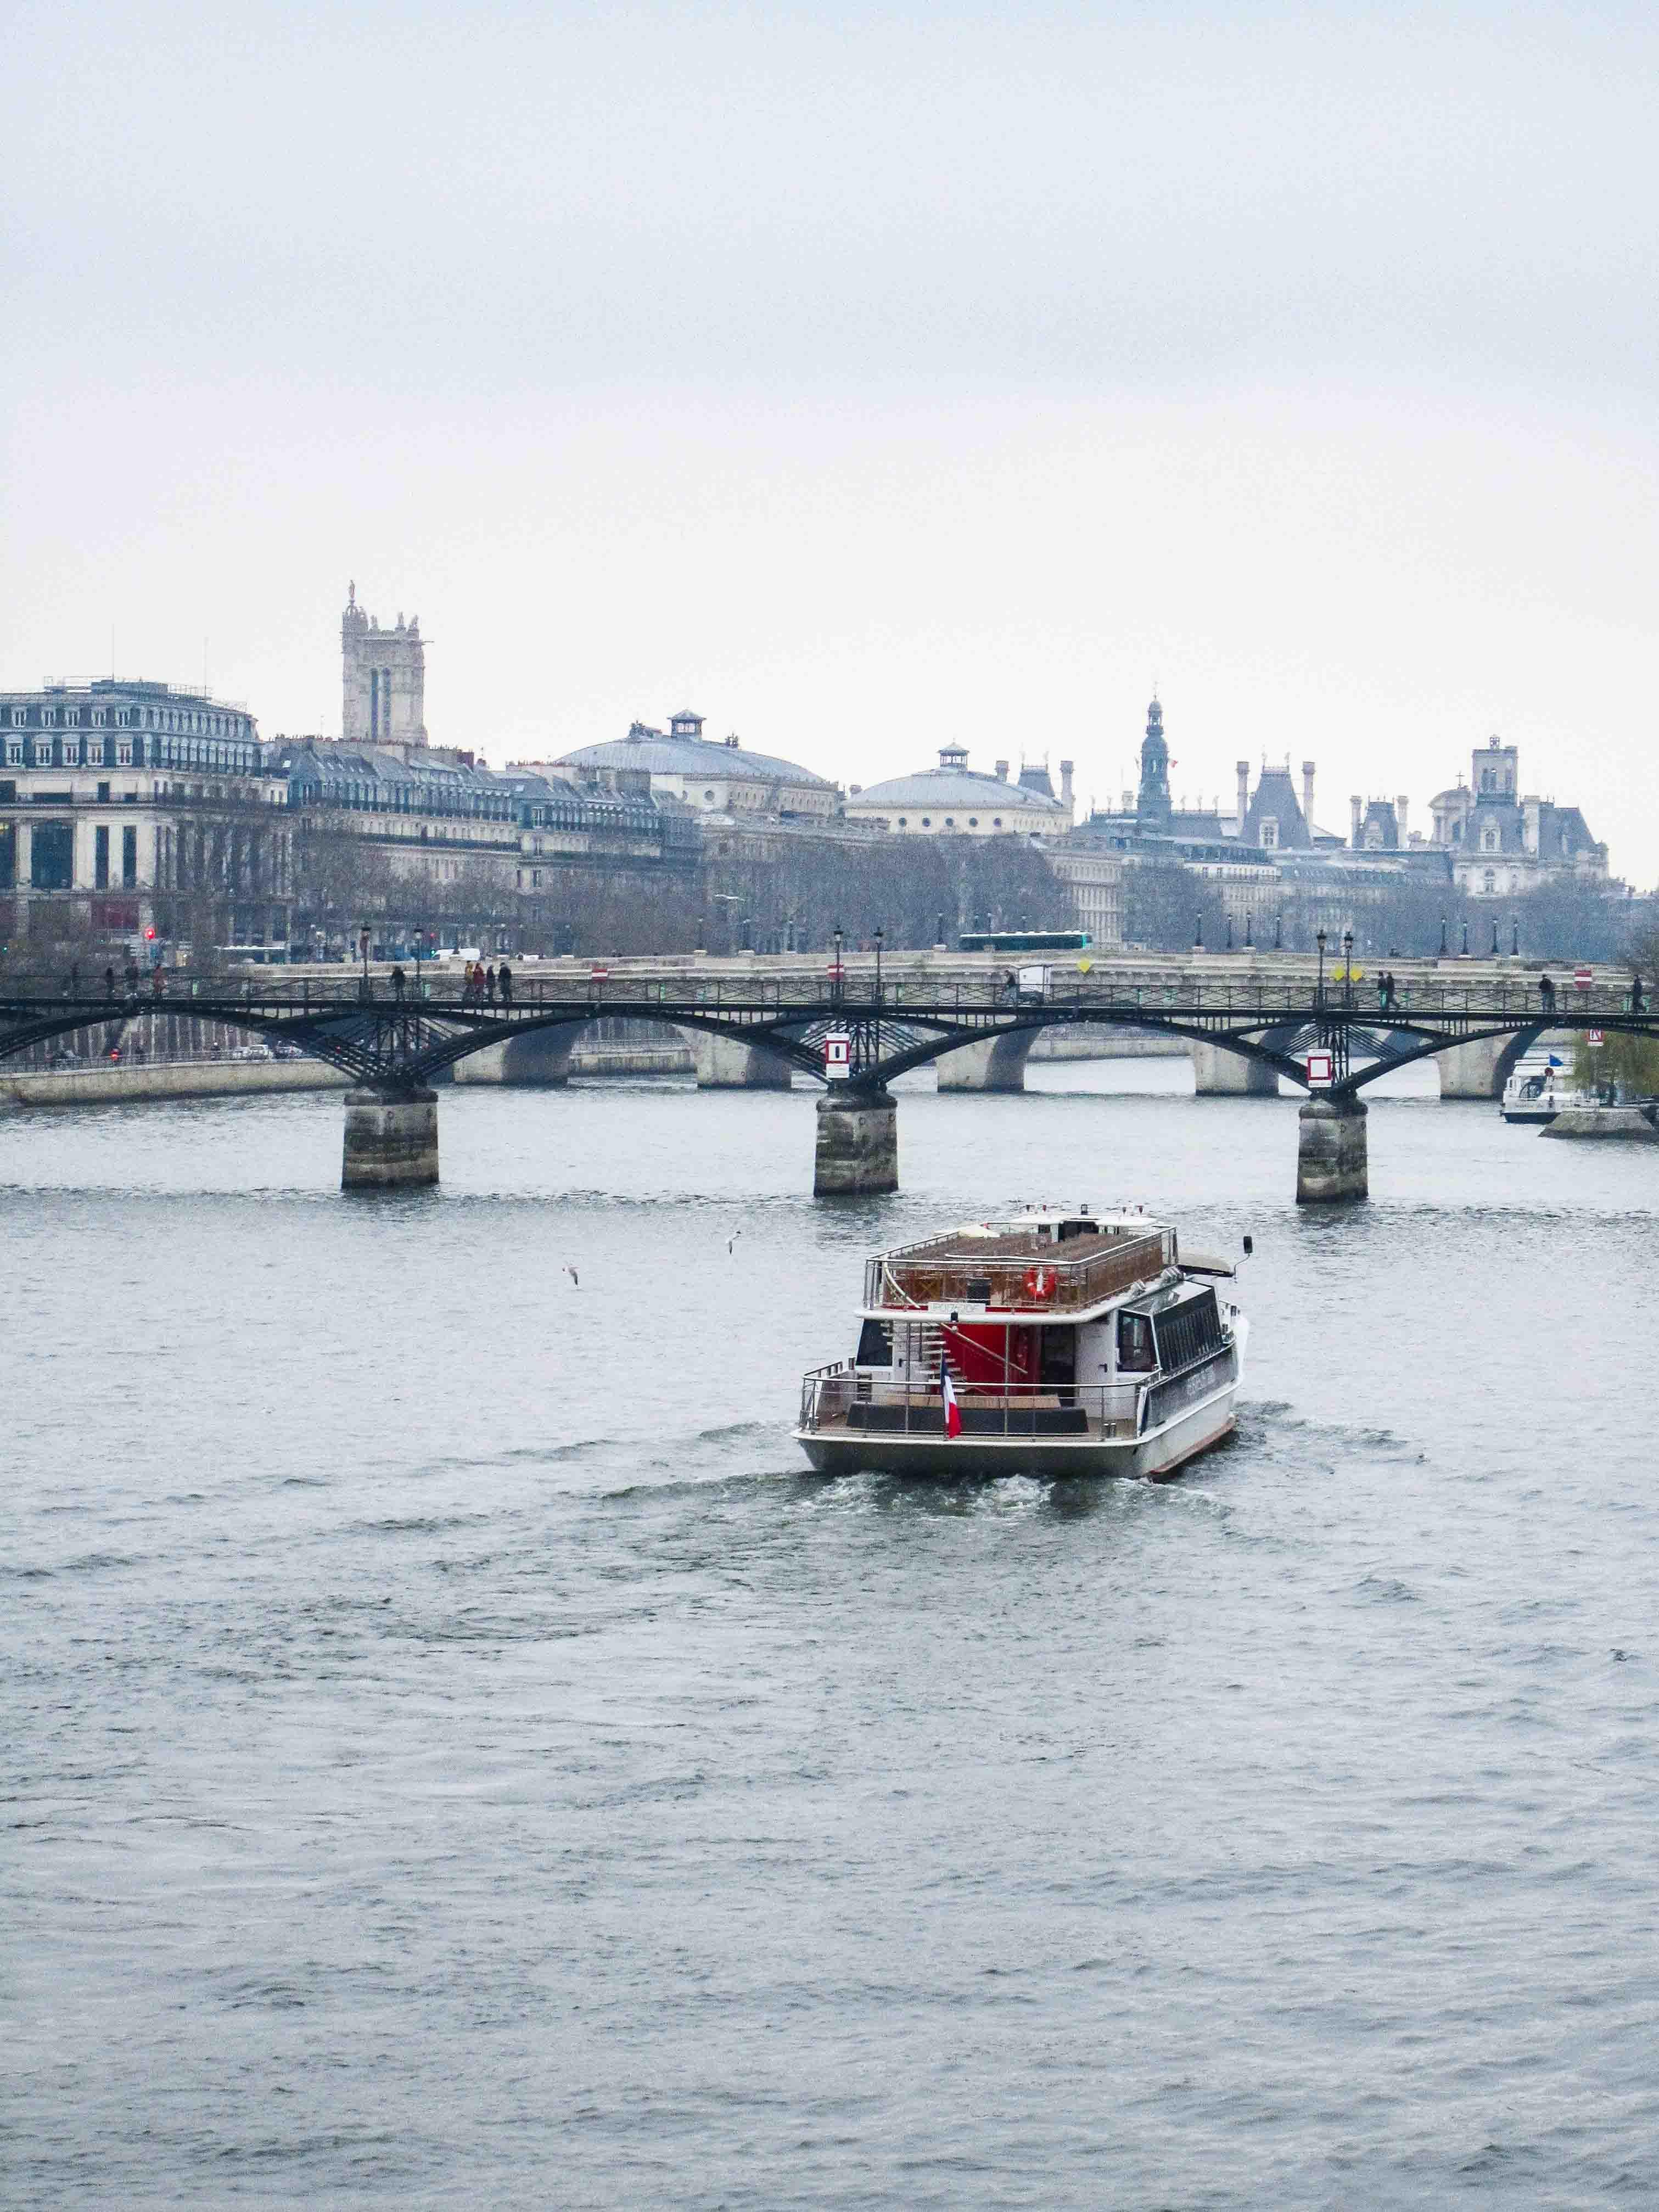 【フランス旅行】パリ セーヌ川を眺める